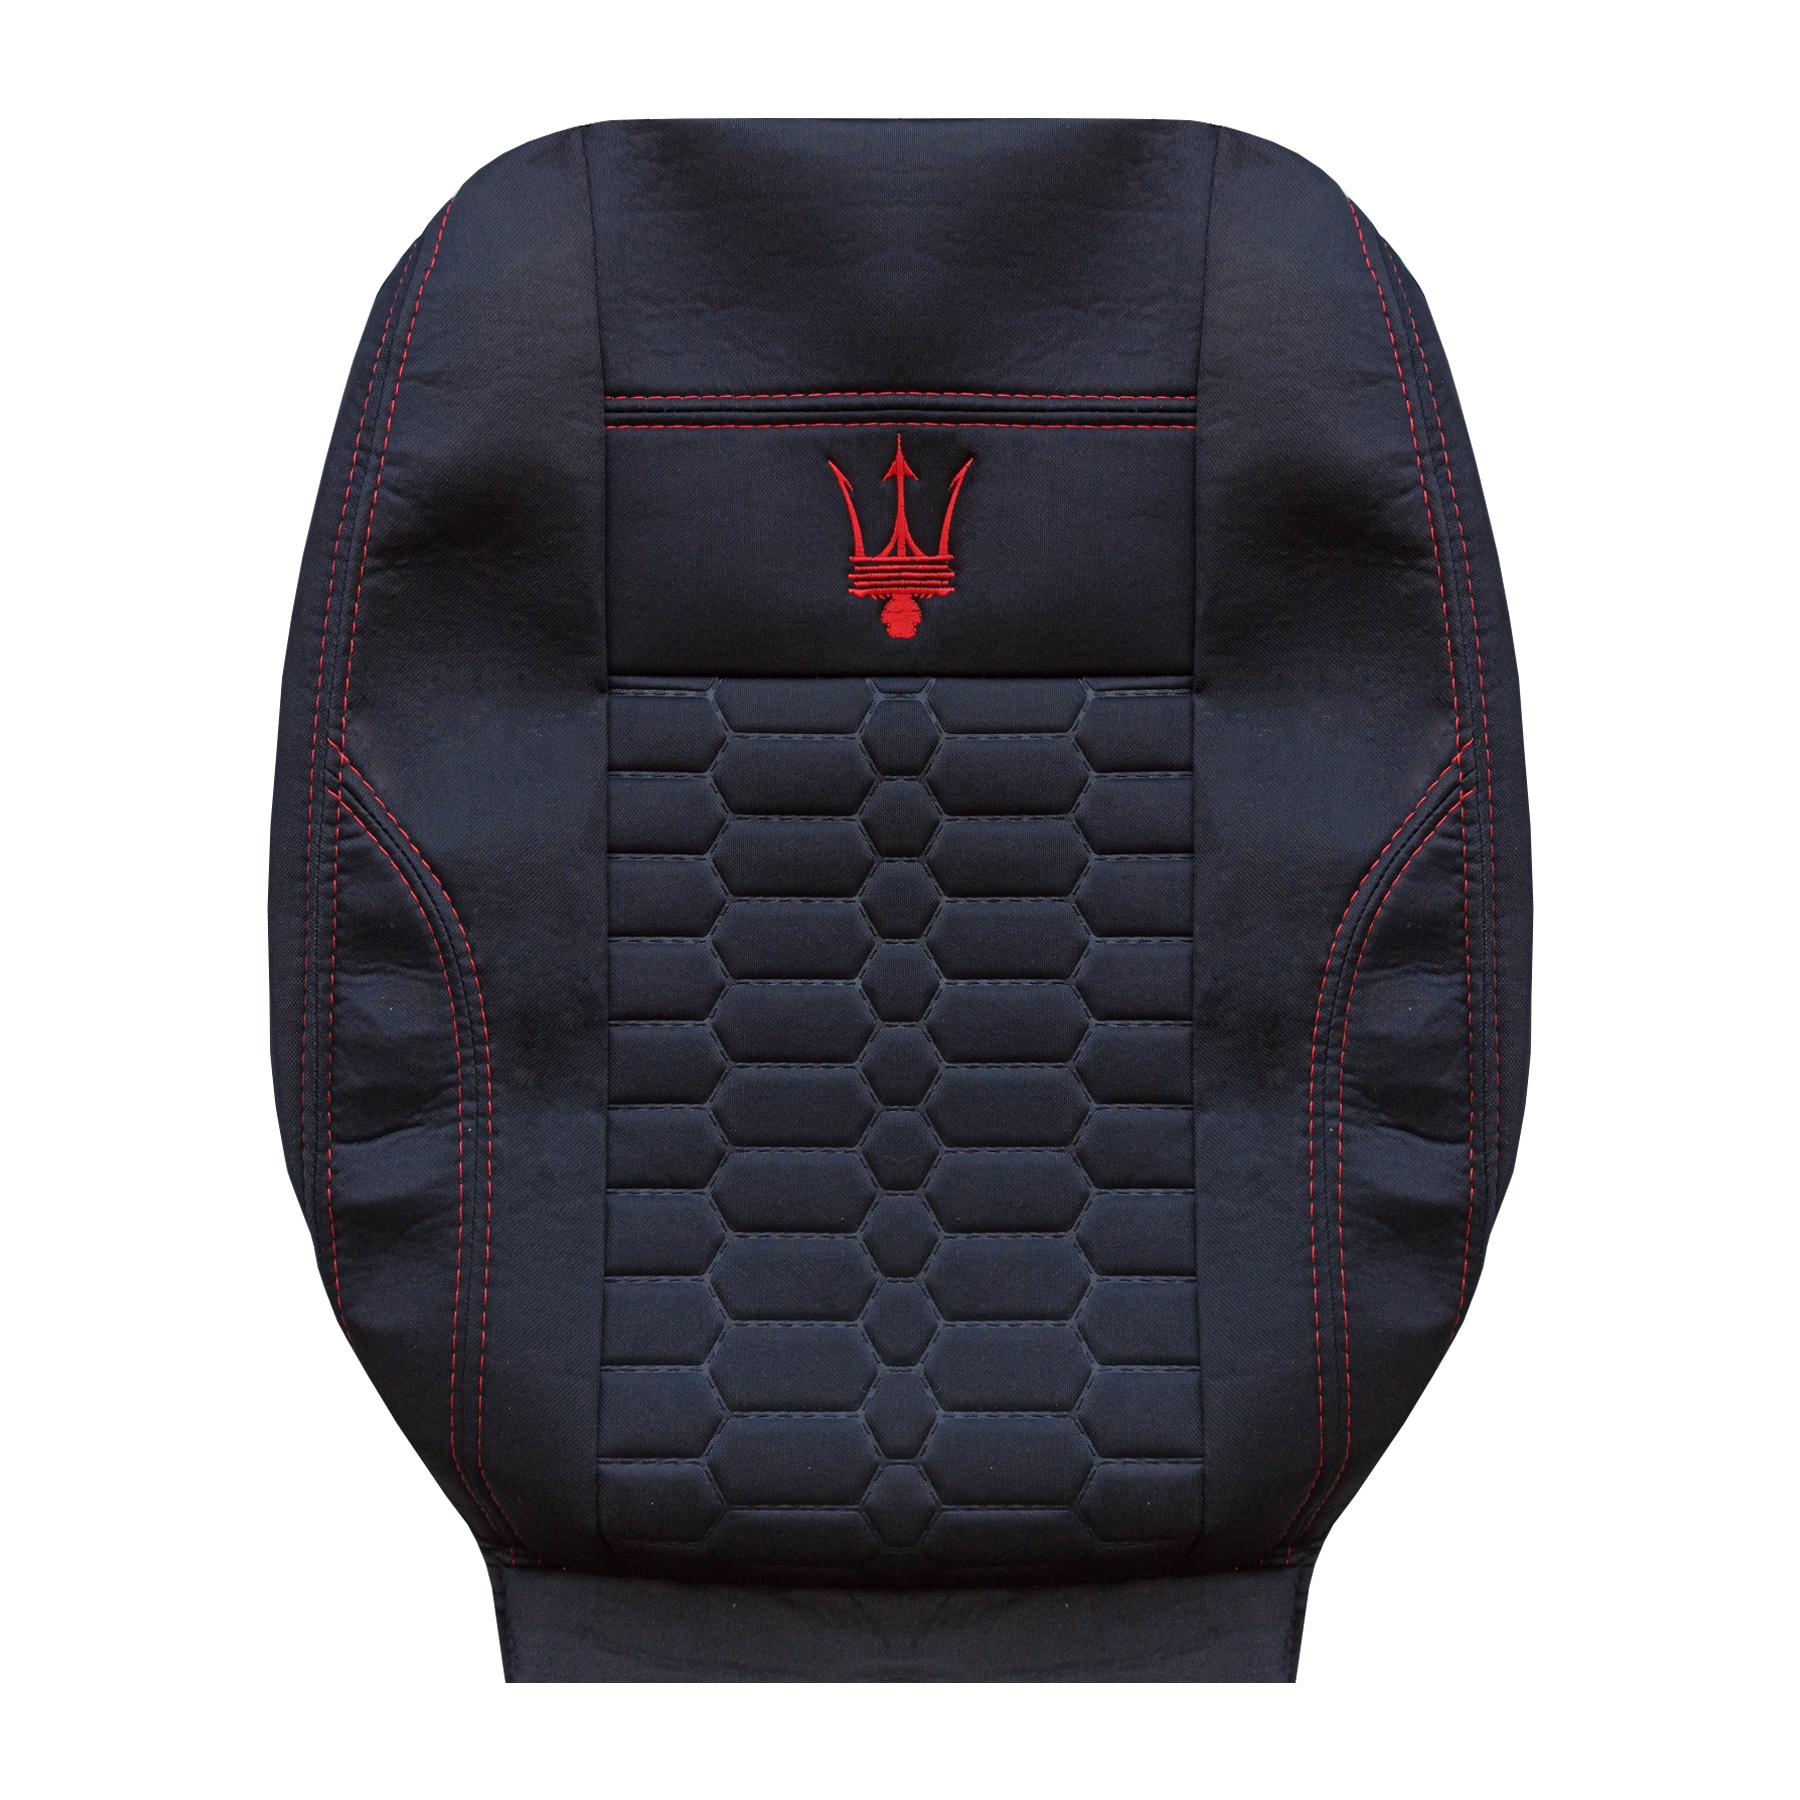 روکش صندلی خودرو مدل SAR003 مناسب برای پراید 131 غیر اصل